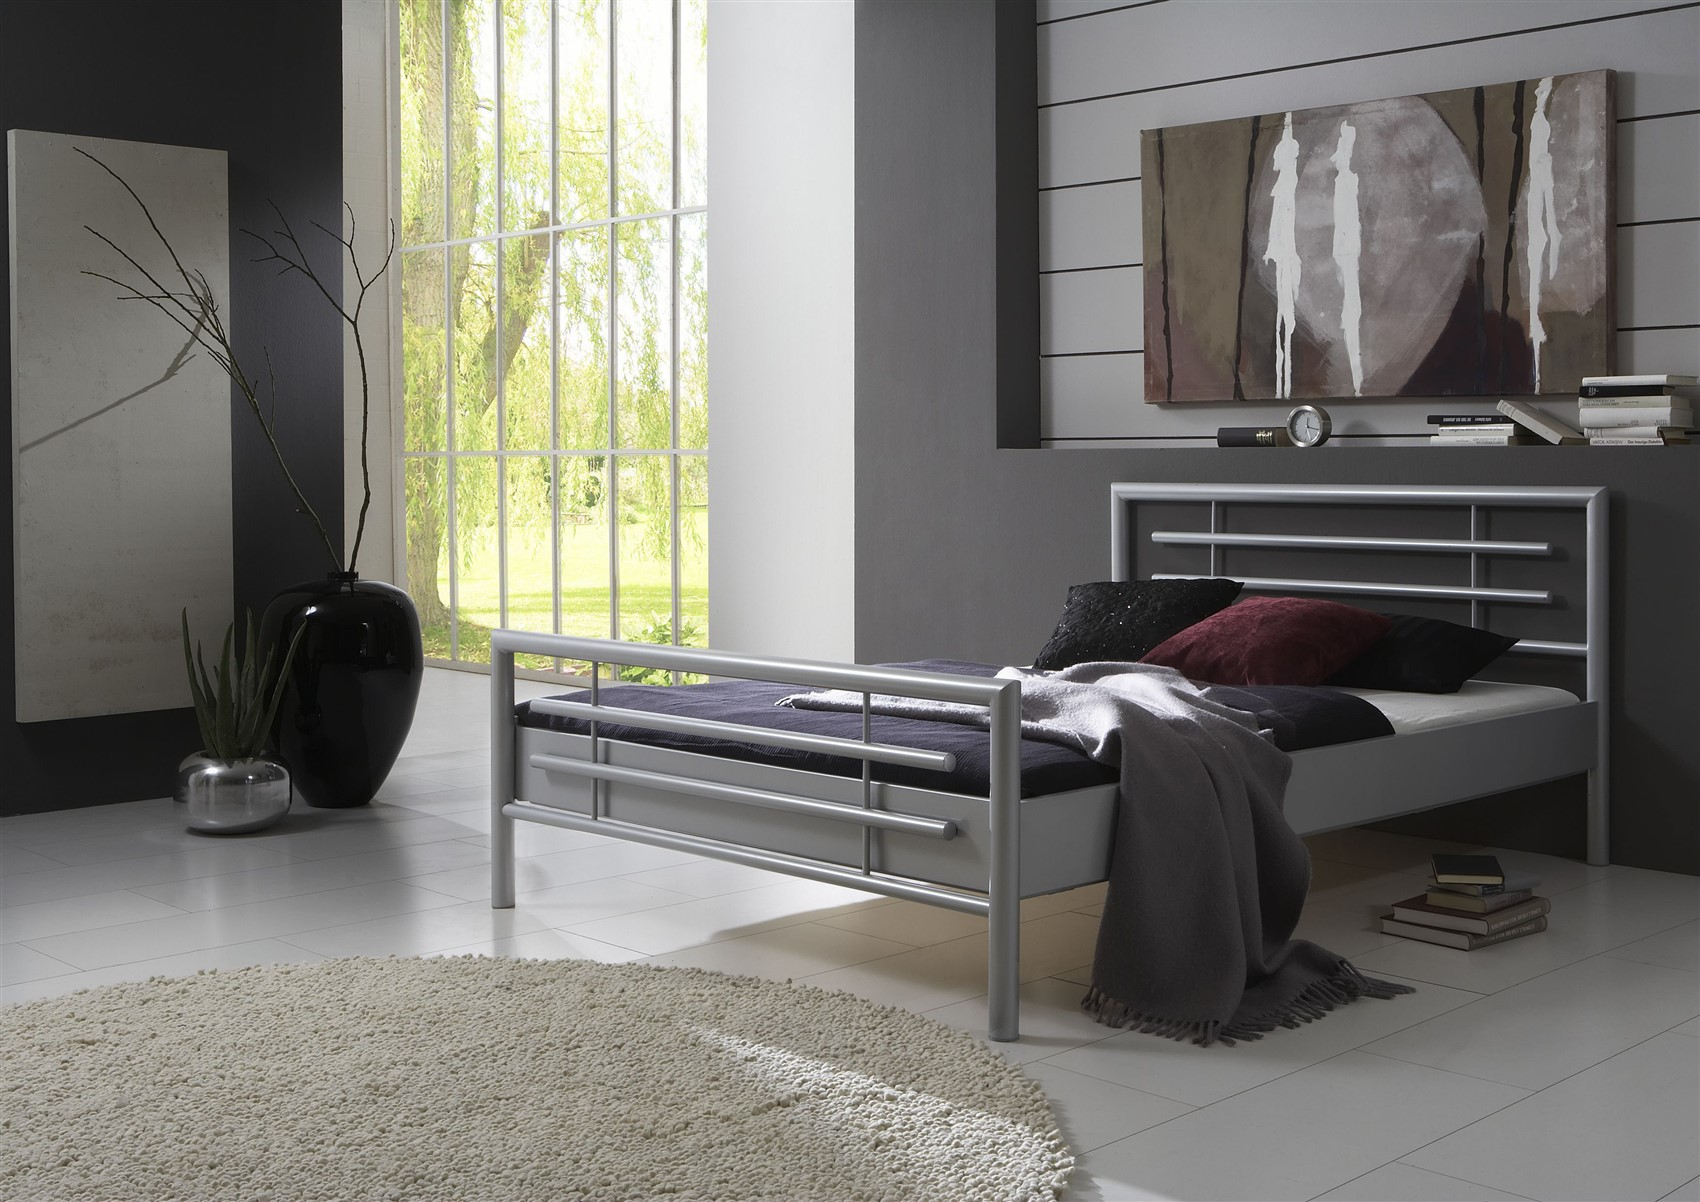 Full Size of Metallbett Doppelbett Bett Steel Nr01 Silber Lackiert 140x220 Cm Musterring Betten Im Schrank Weißes Mit Aufbewahrung Tatami Eiche Hohes Günstig Kaufen Baza Bett Bett 140x220